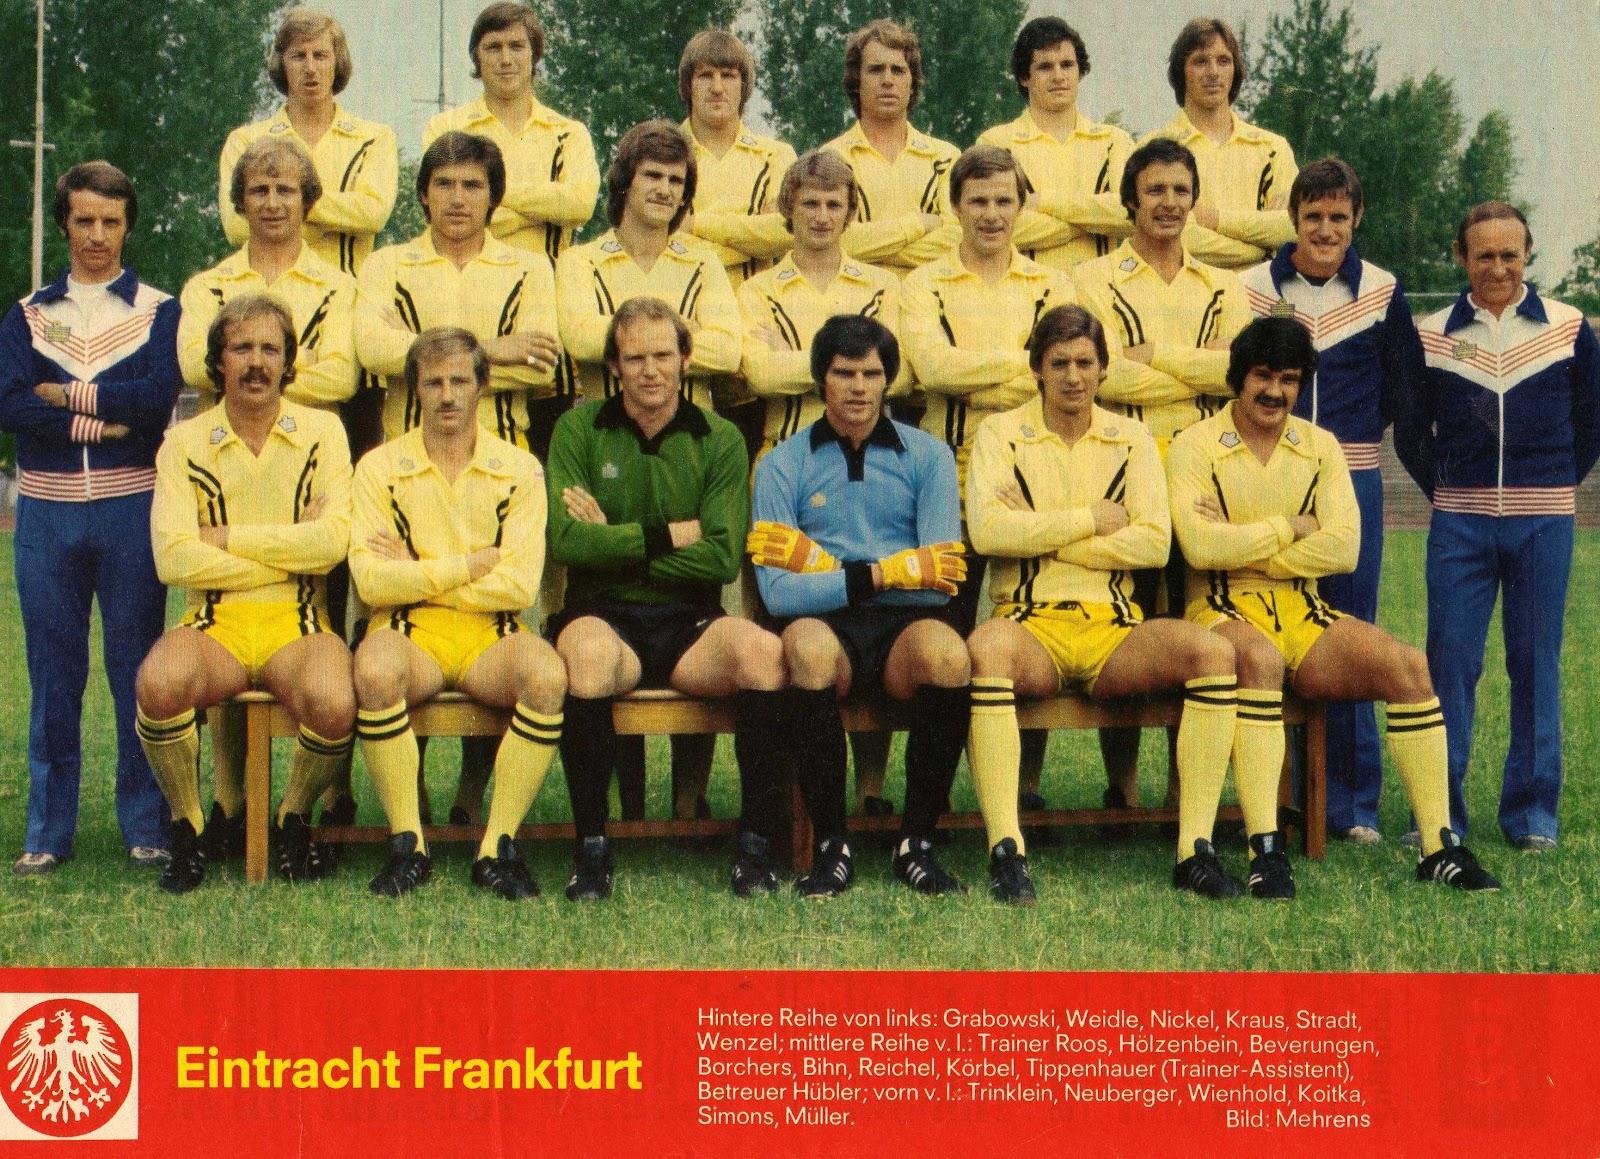 Mannschaftsinfo: Sportgemeinde Eintracht Frankfurt